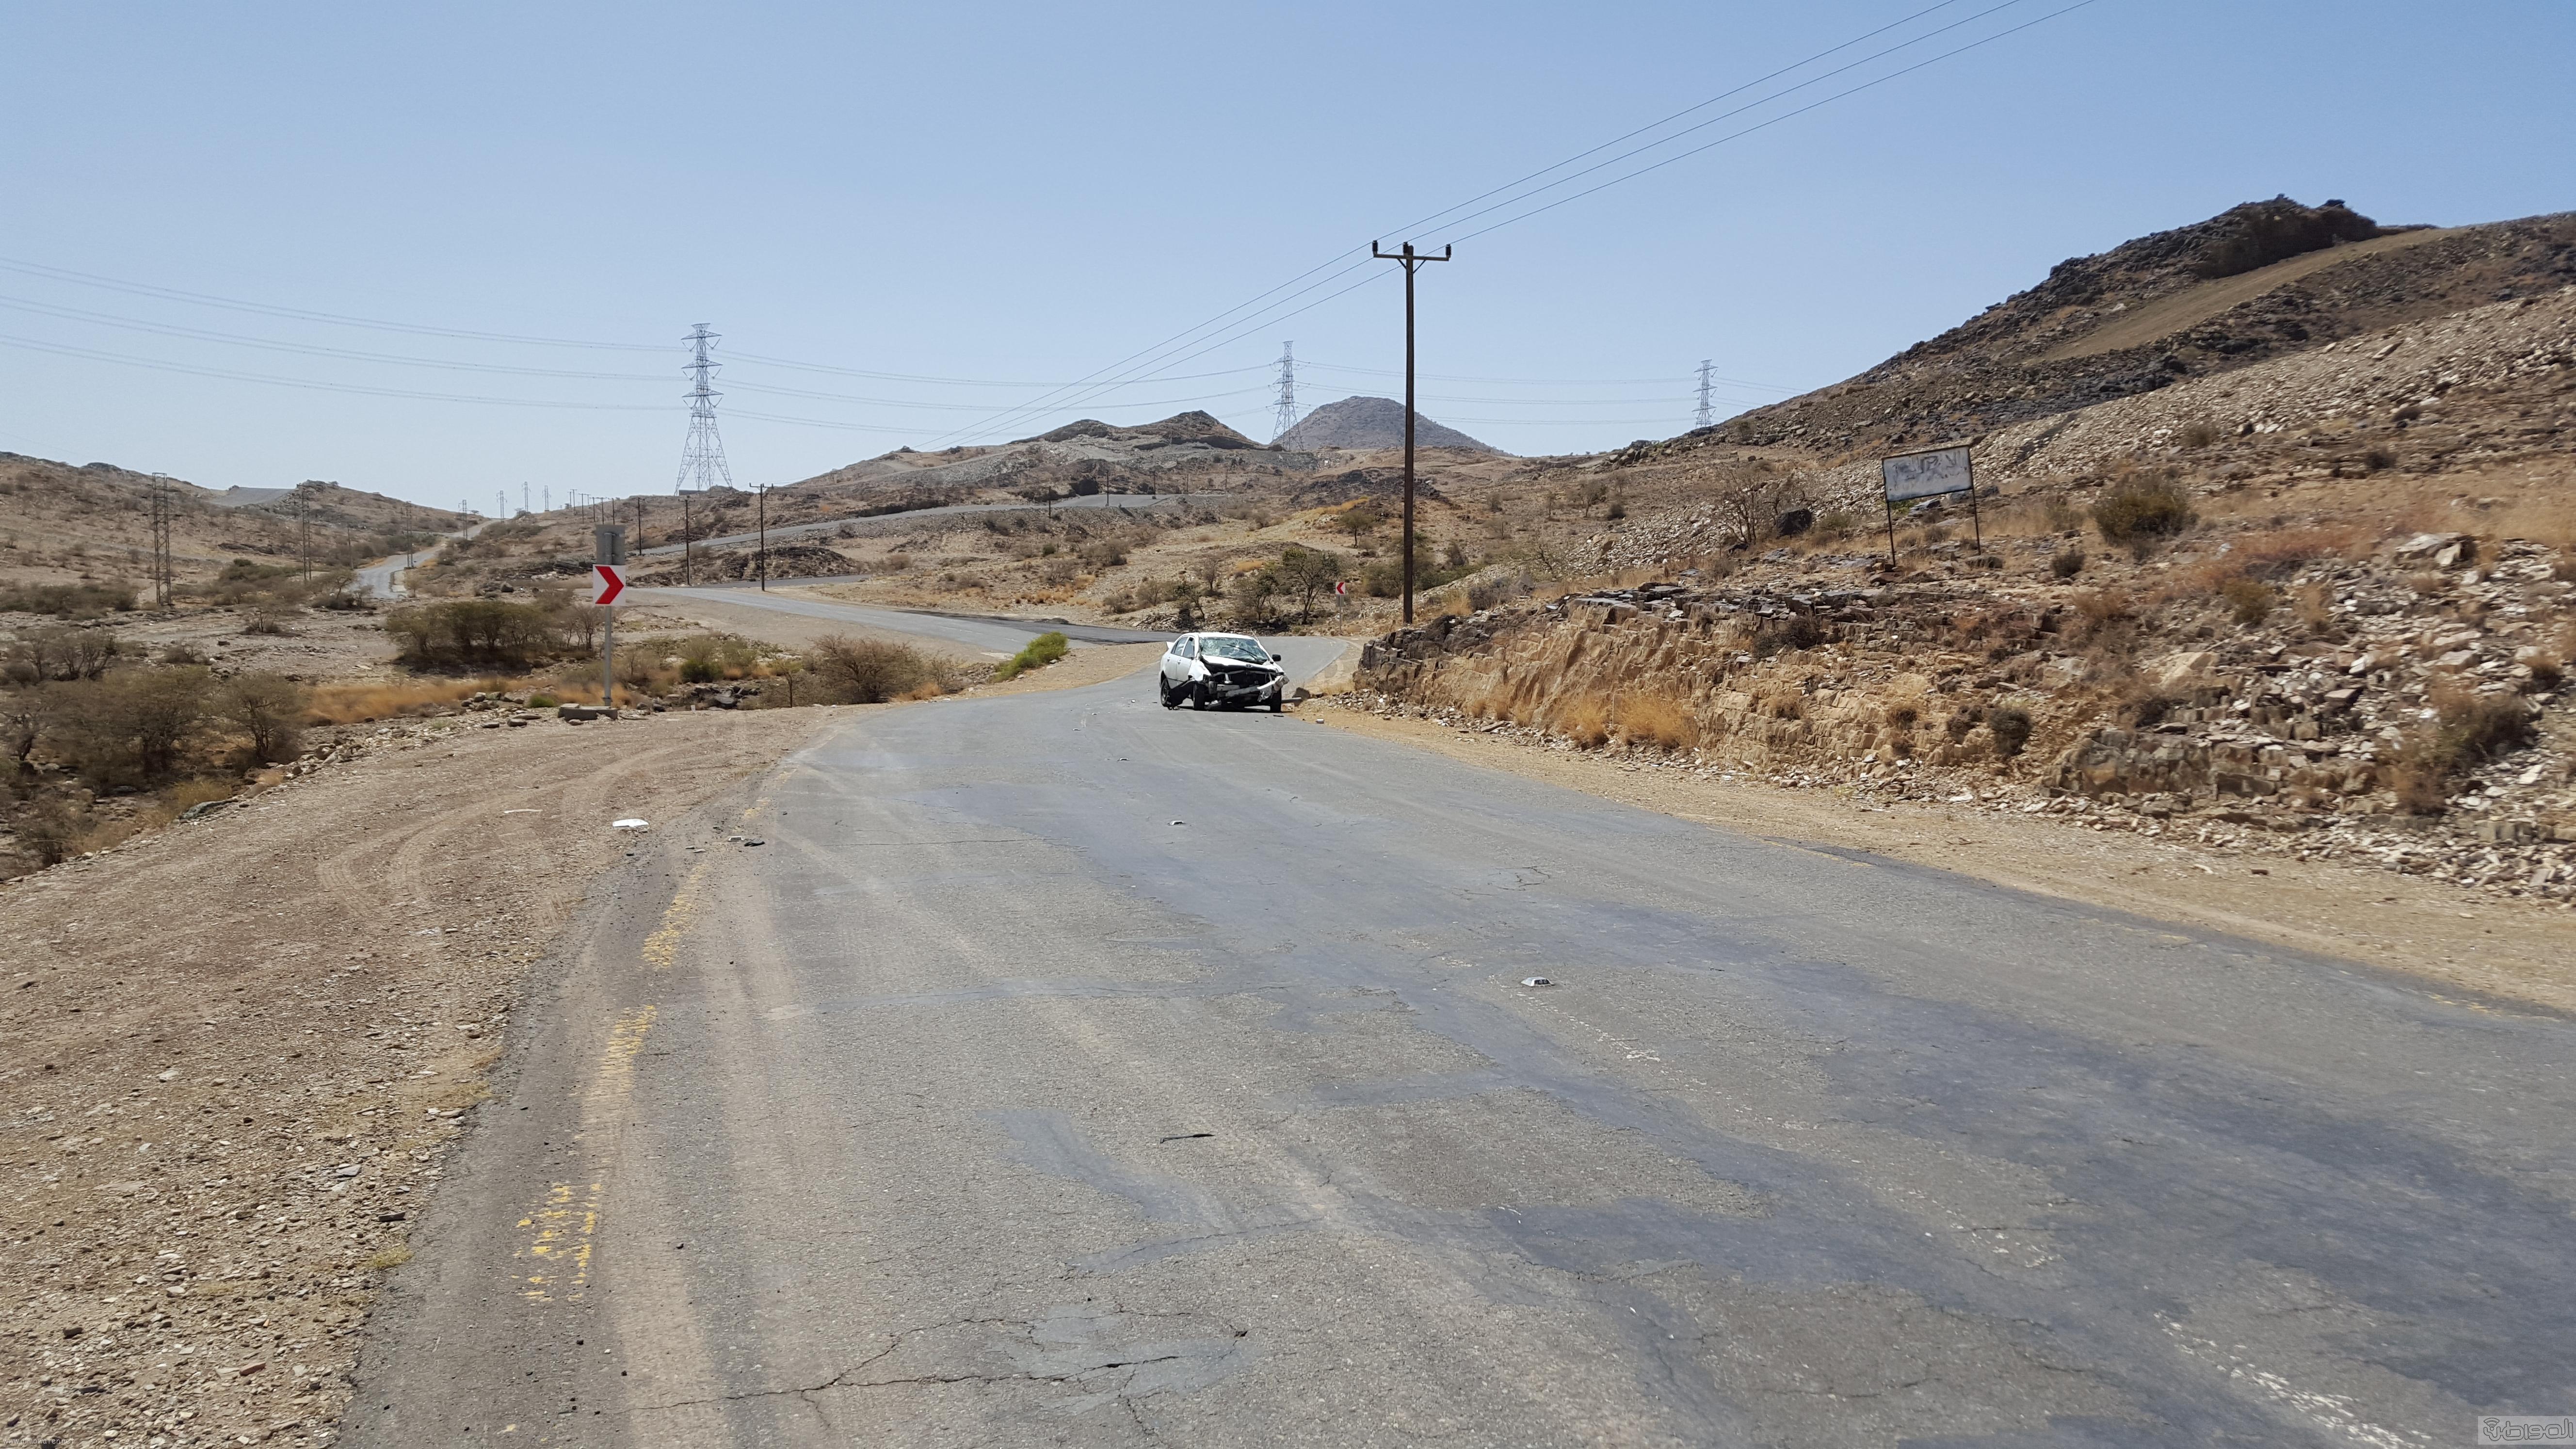 حادث مروري  بطريق ال يوسف ذم سنون بمدينة ابها  (3)